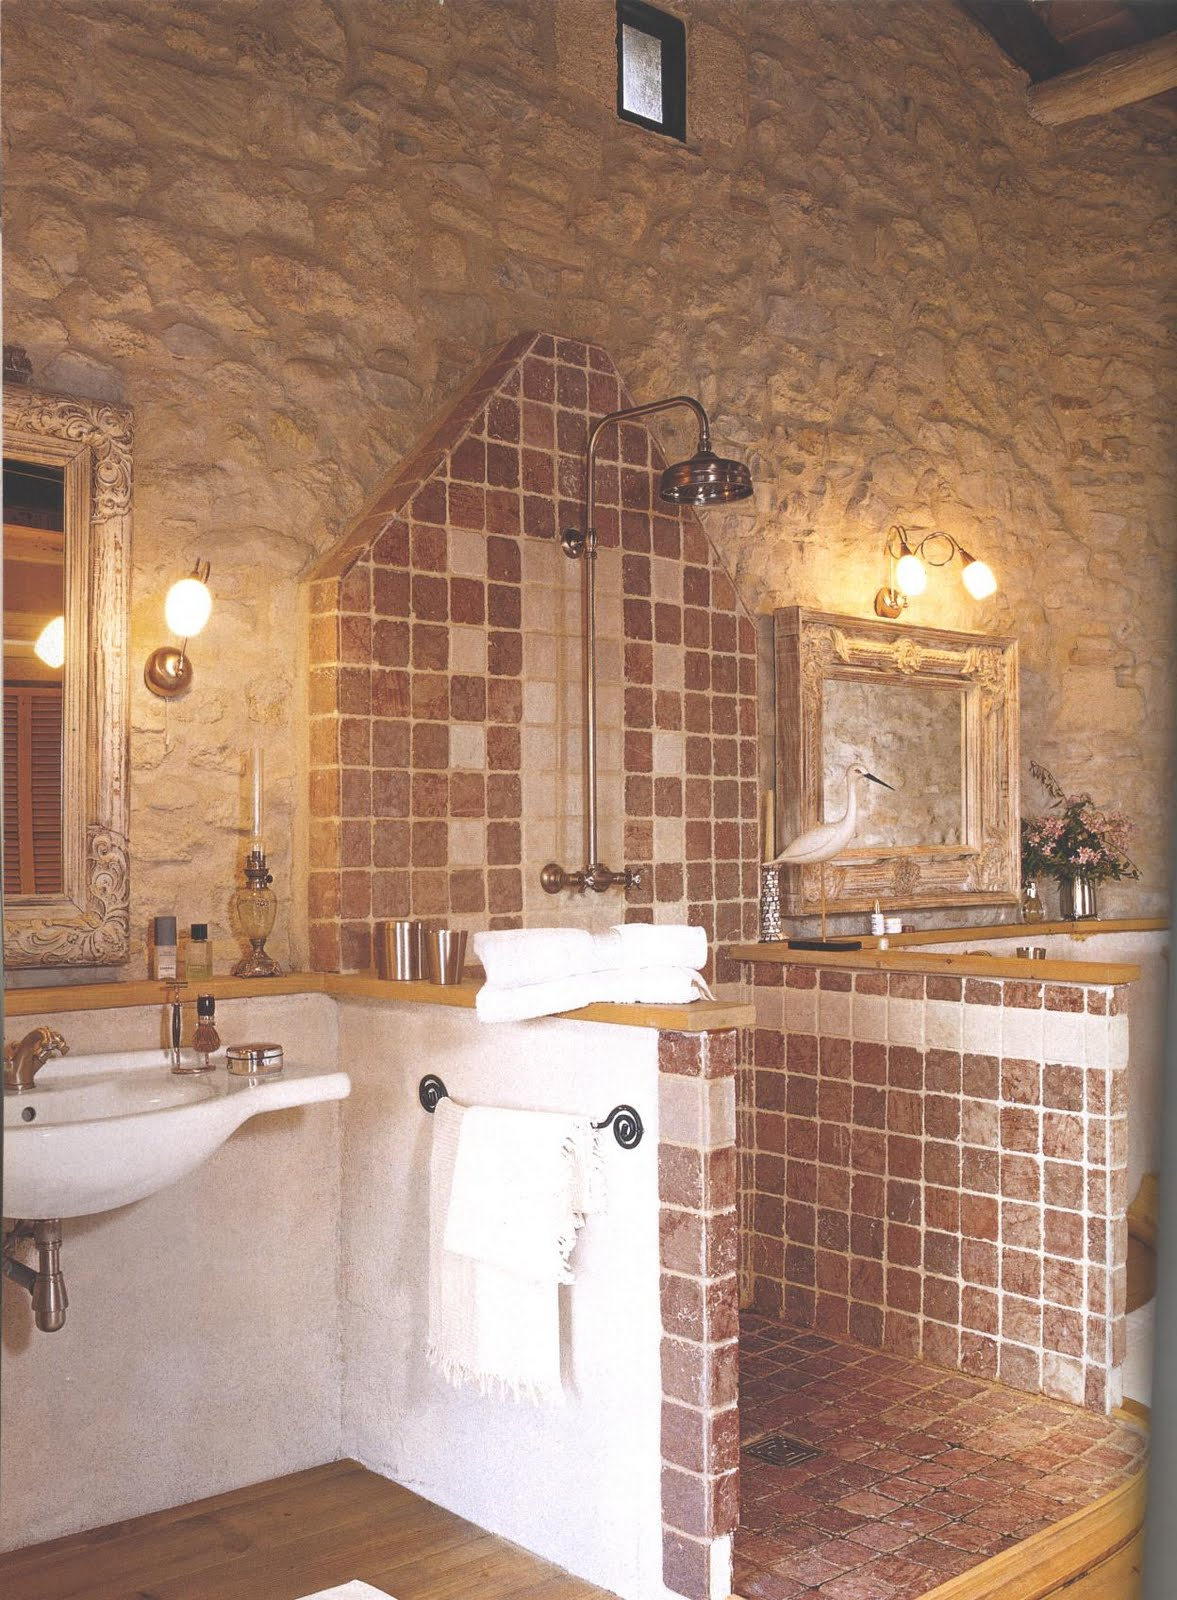 Boiserie c bagno la matericit dello stile provenzale for Arredo bagno in stile provenzale